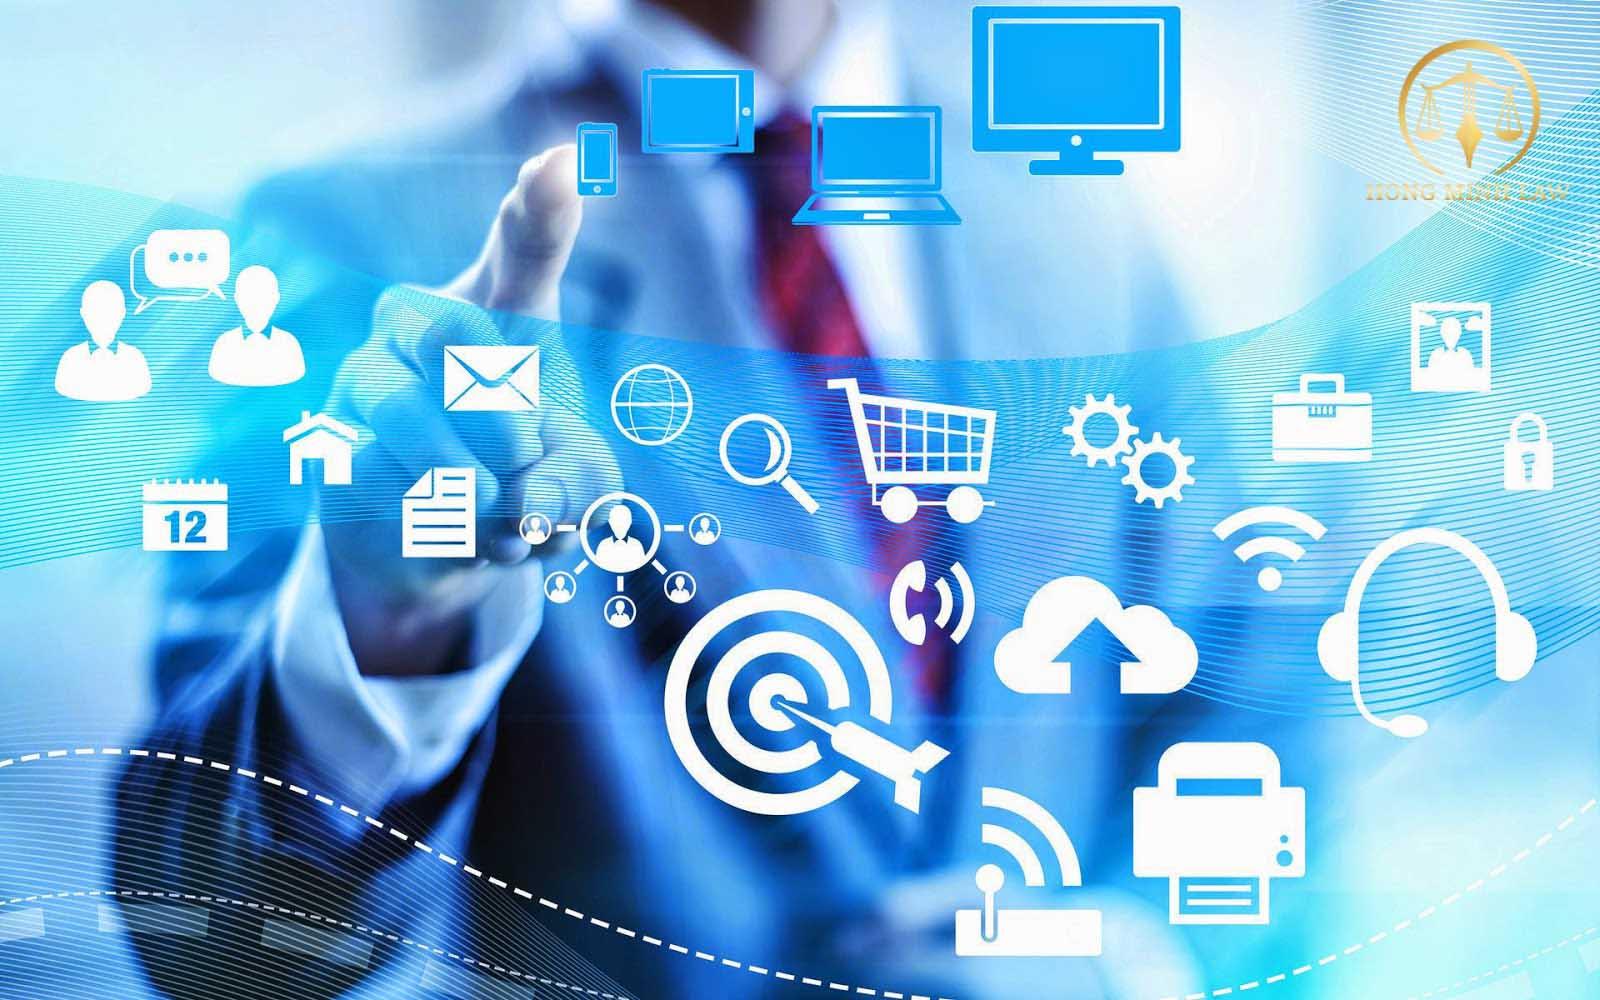 Thủ tục cấp lại Giấy chứng nhận doanh nghiệp khoa học và công nghệ